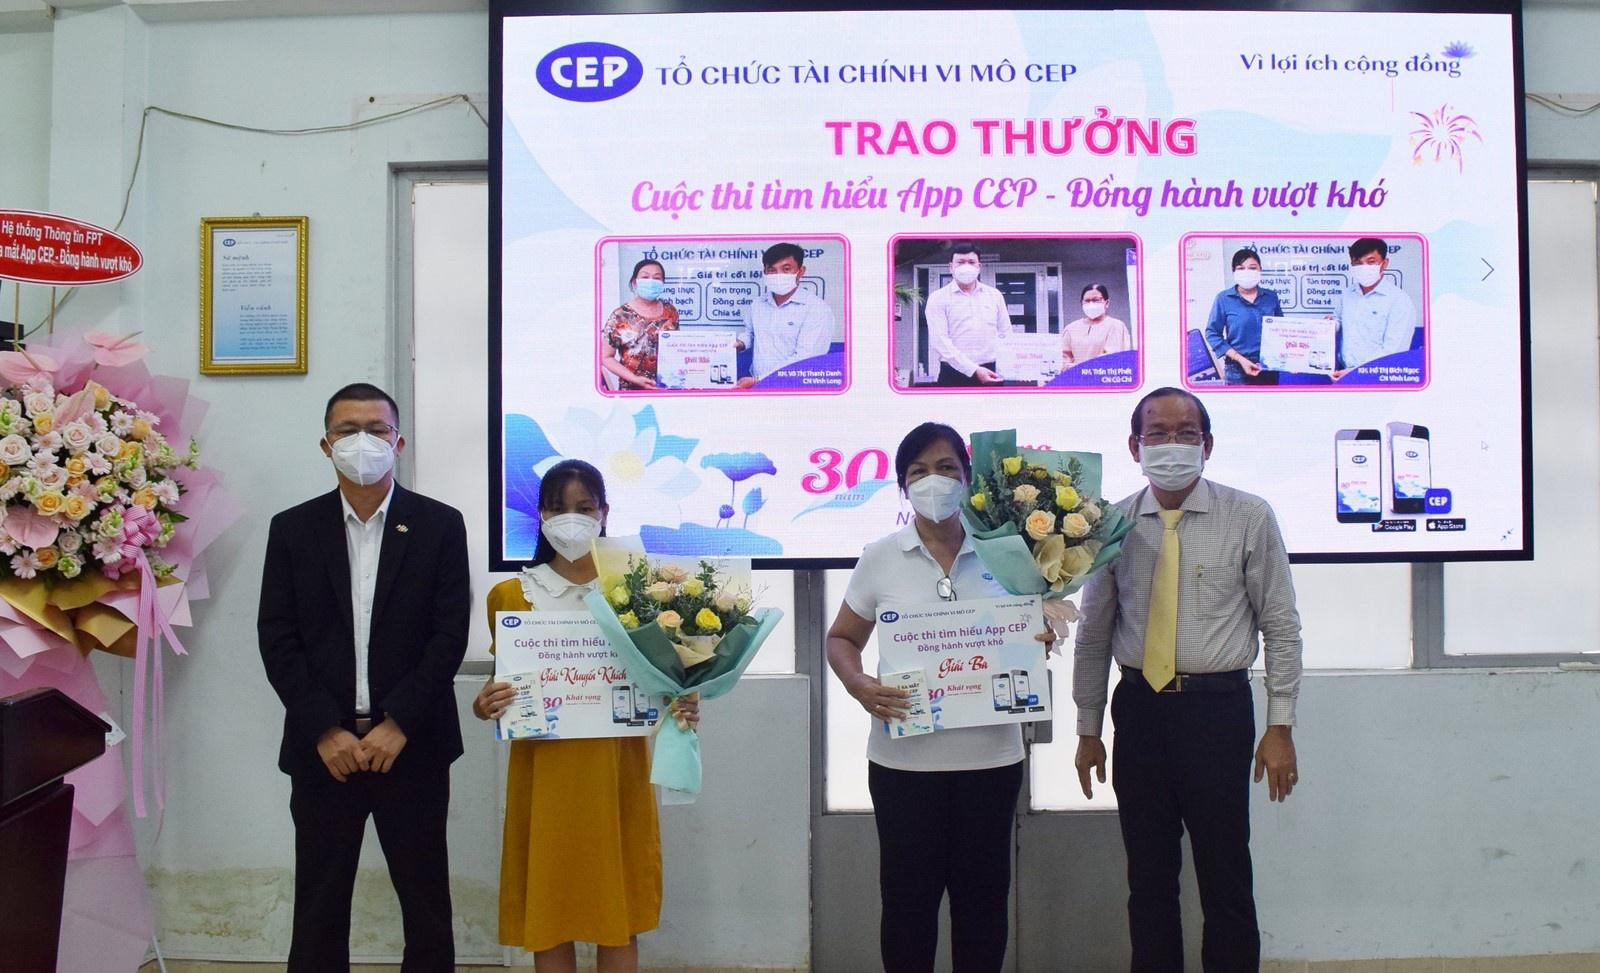 cep trien khai app di dong dong hanh vuot kho